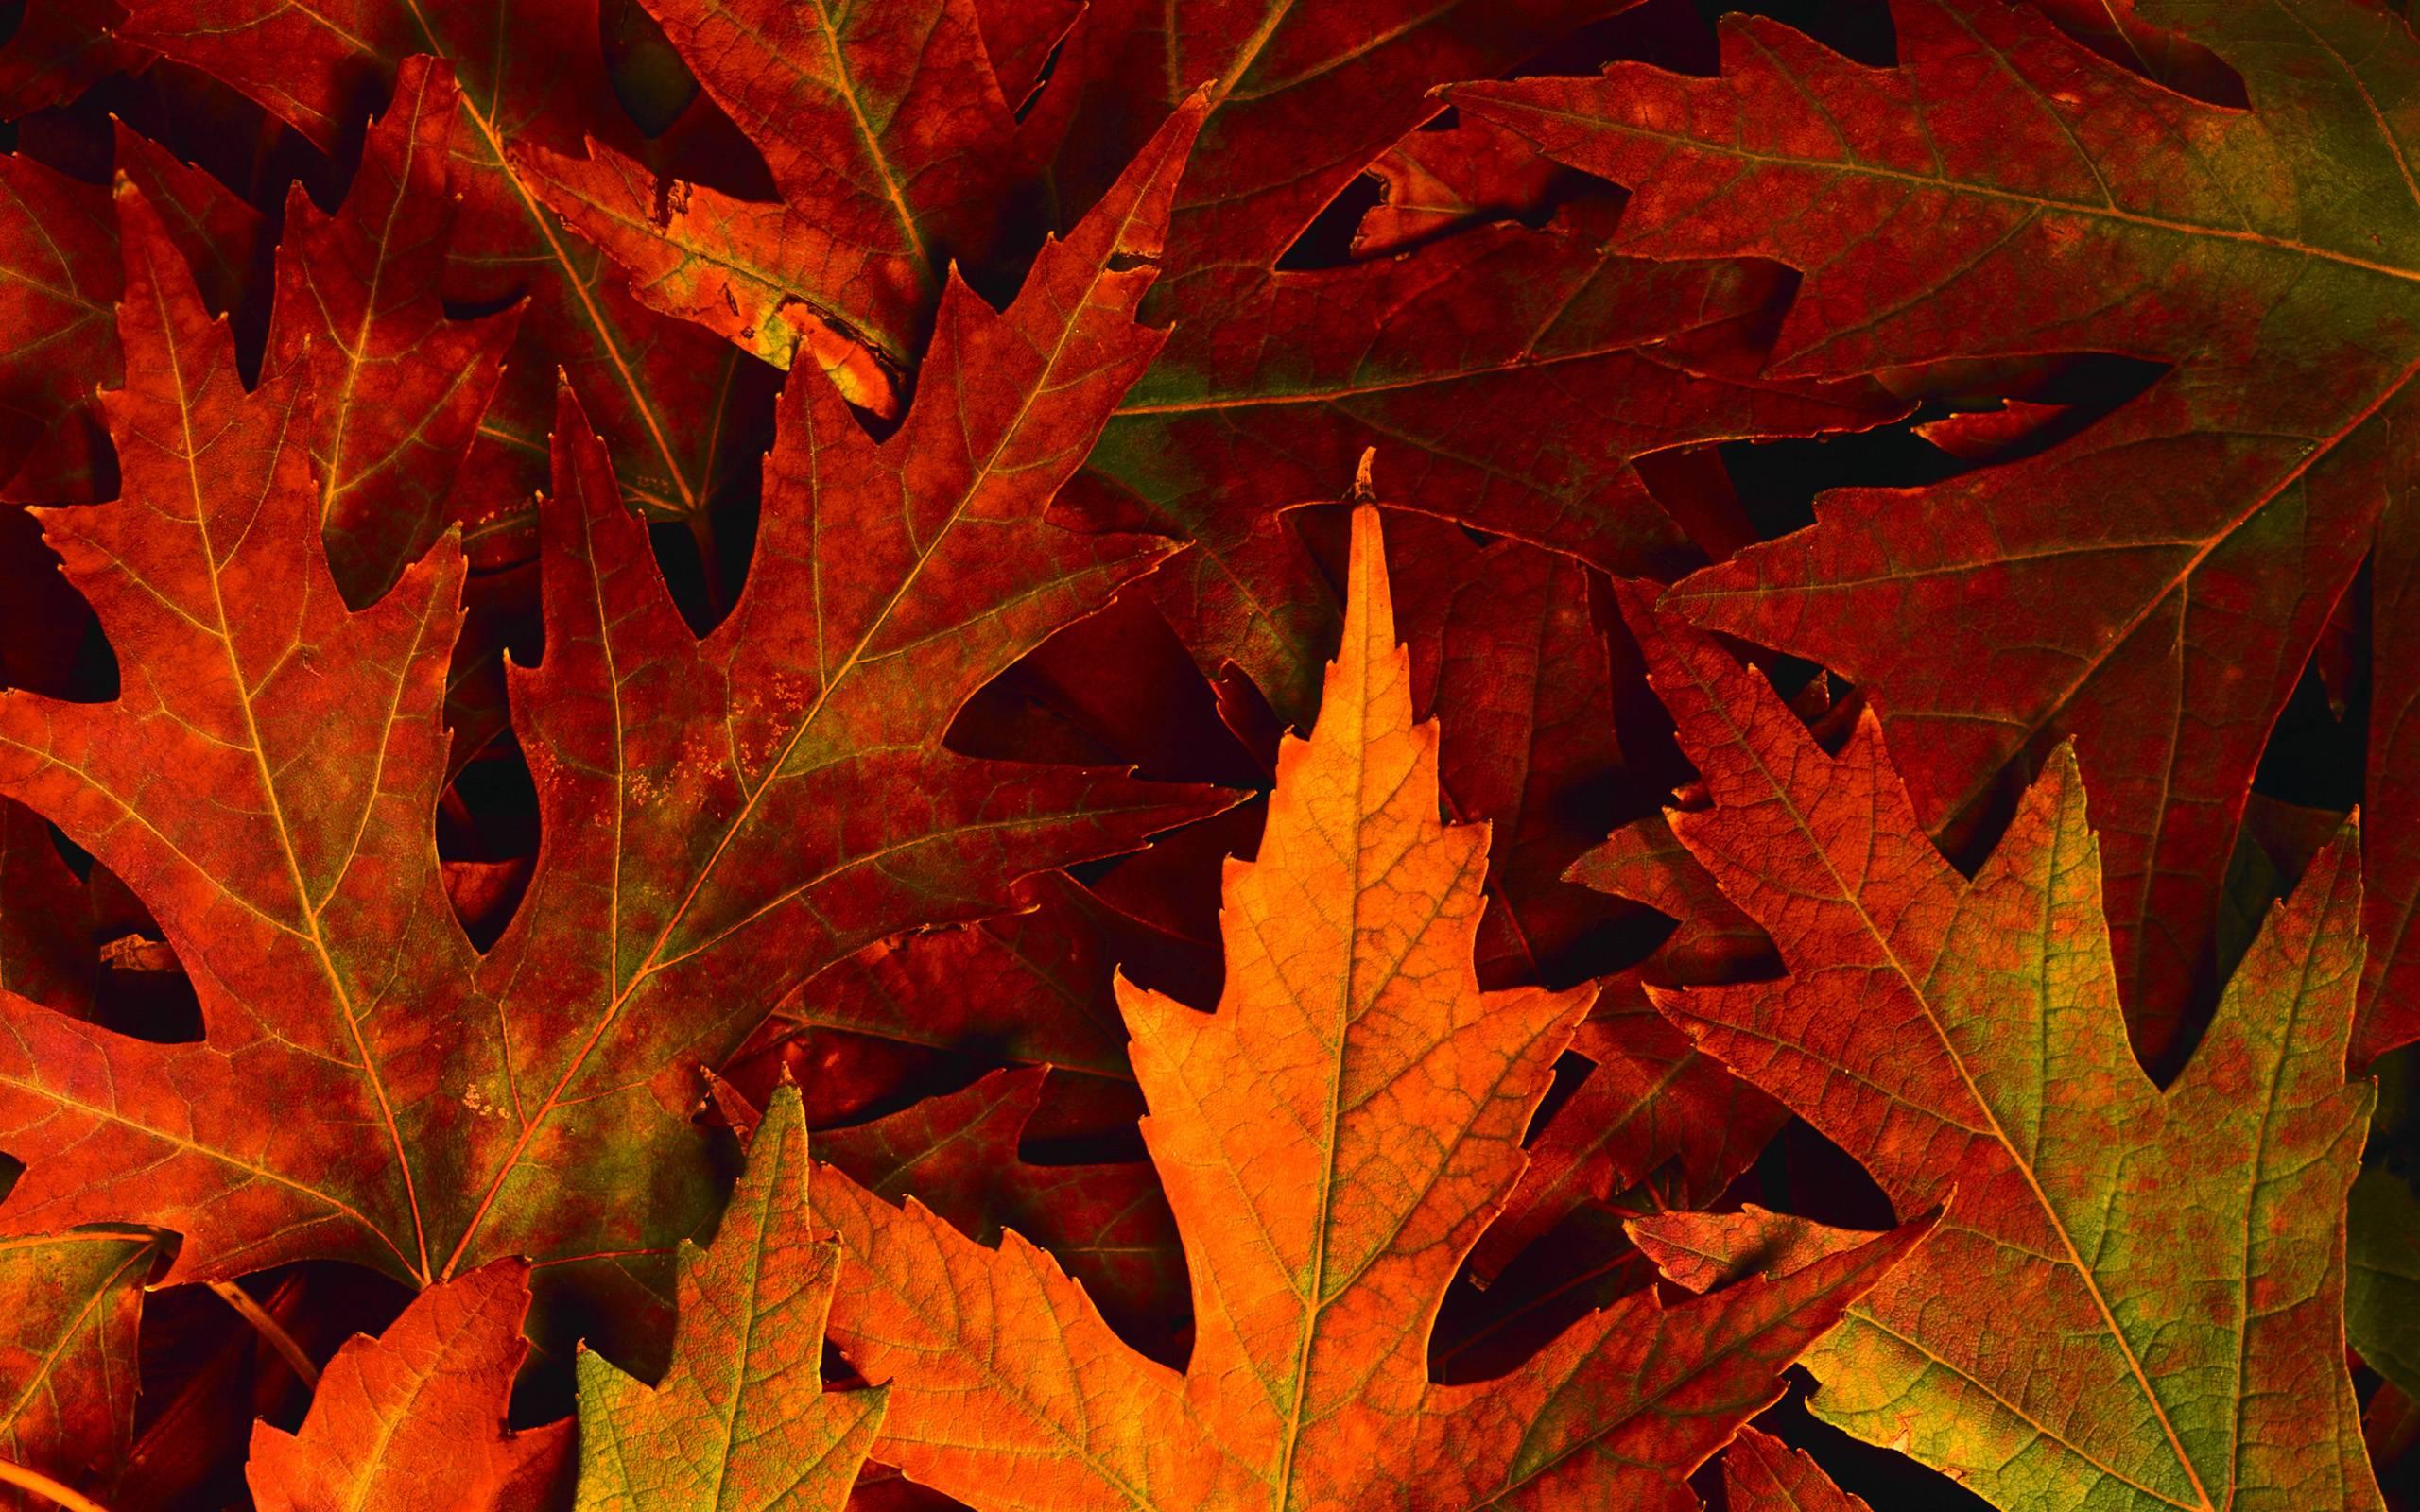 Autumn Scenes Desktop Wallpapers Top Free Autumn Scenes